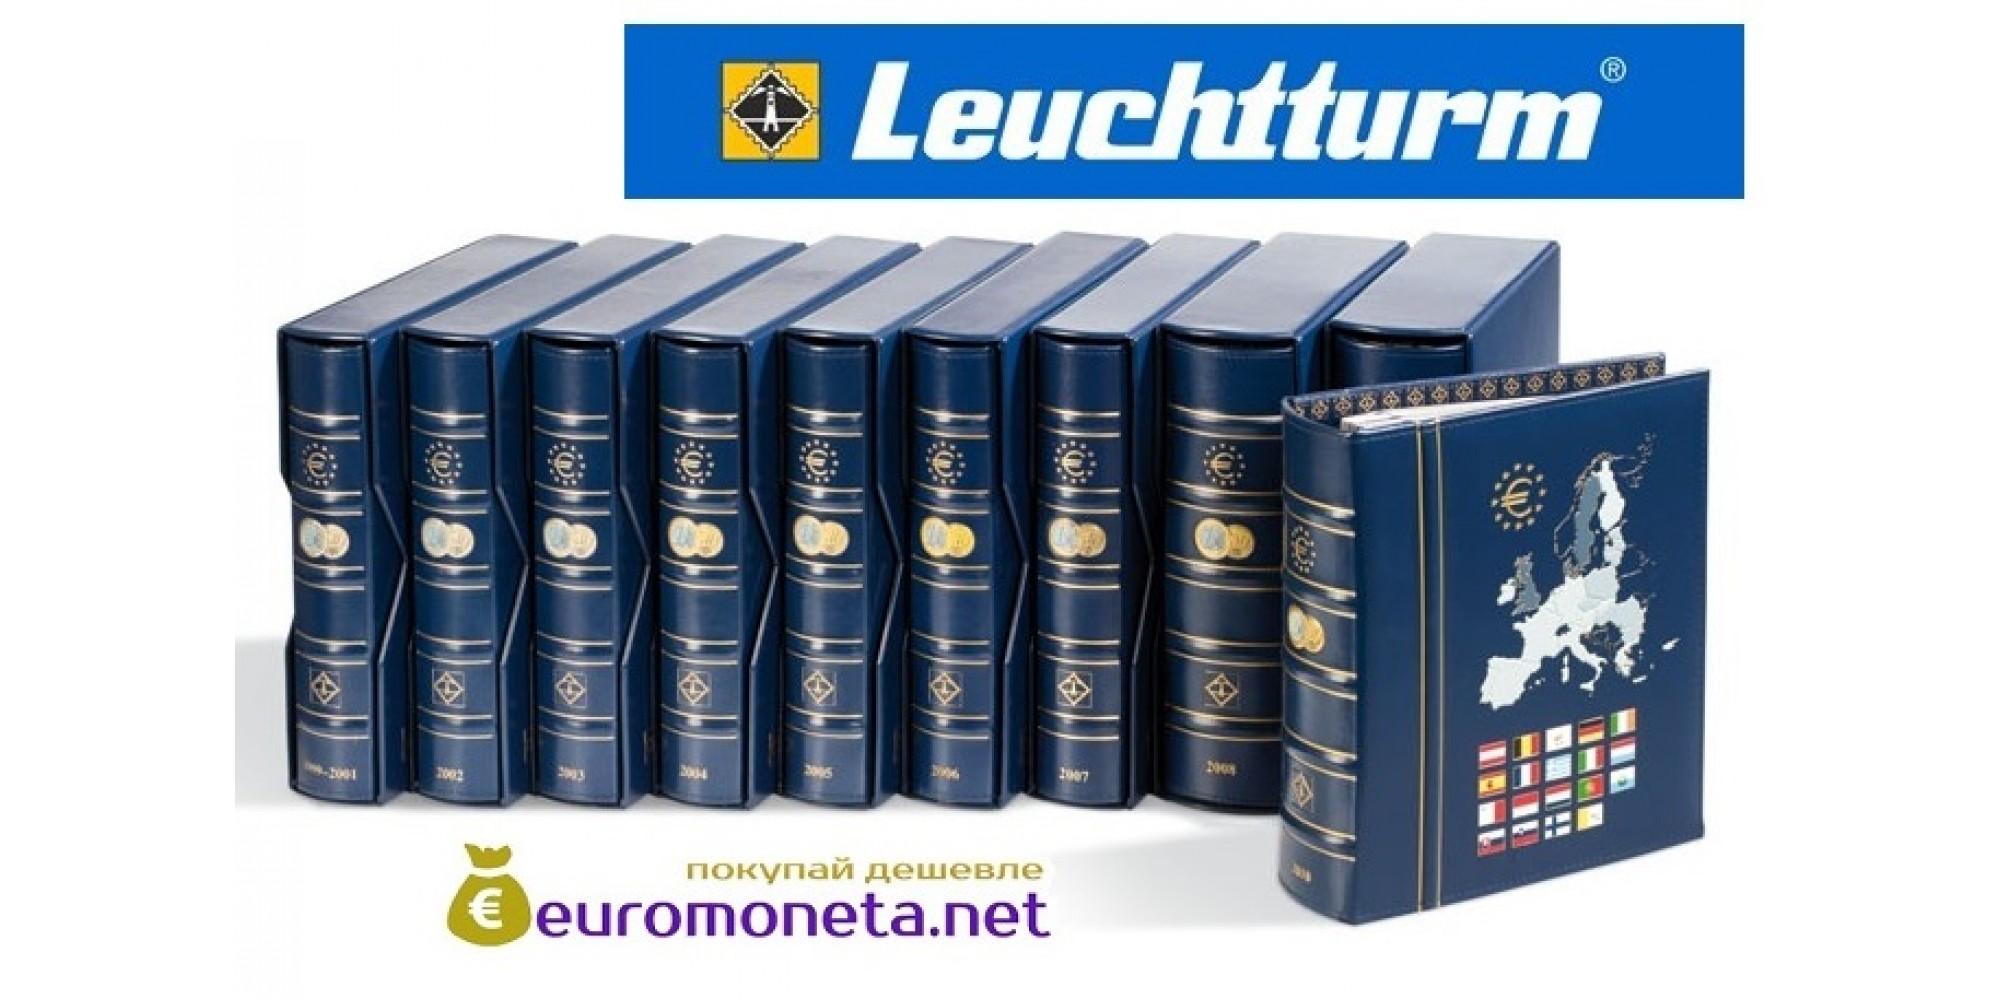 Leuchtturm альбом VISTA для евро монет годовые наборы за 2015 год внешняя обложка (шубер)